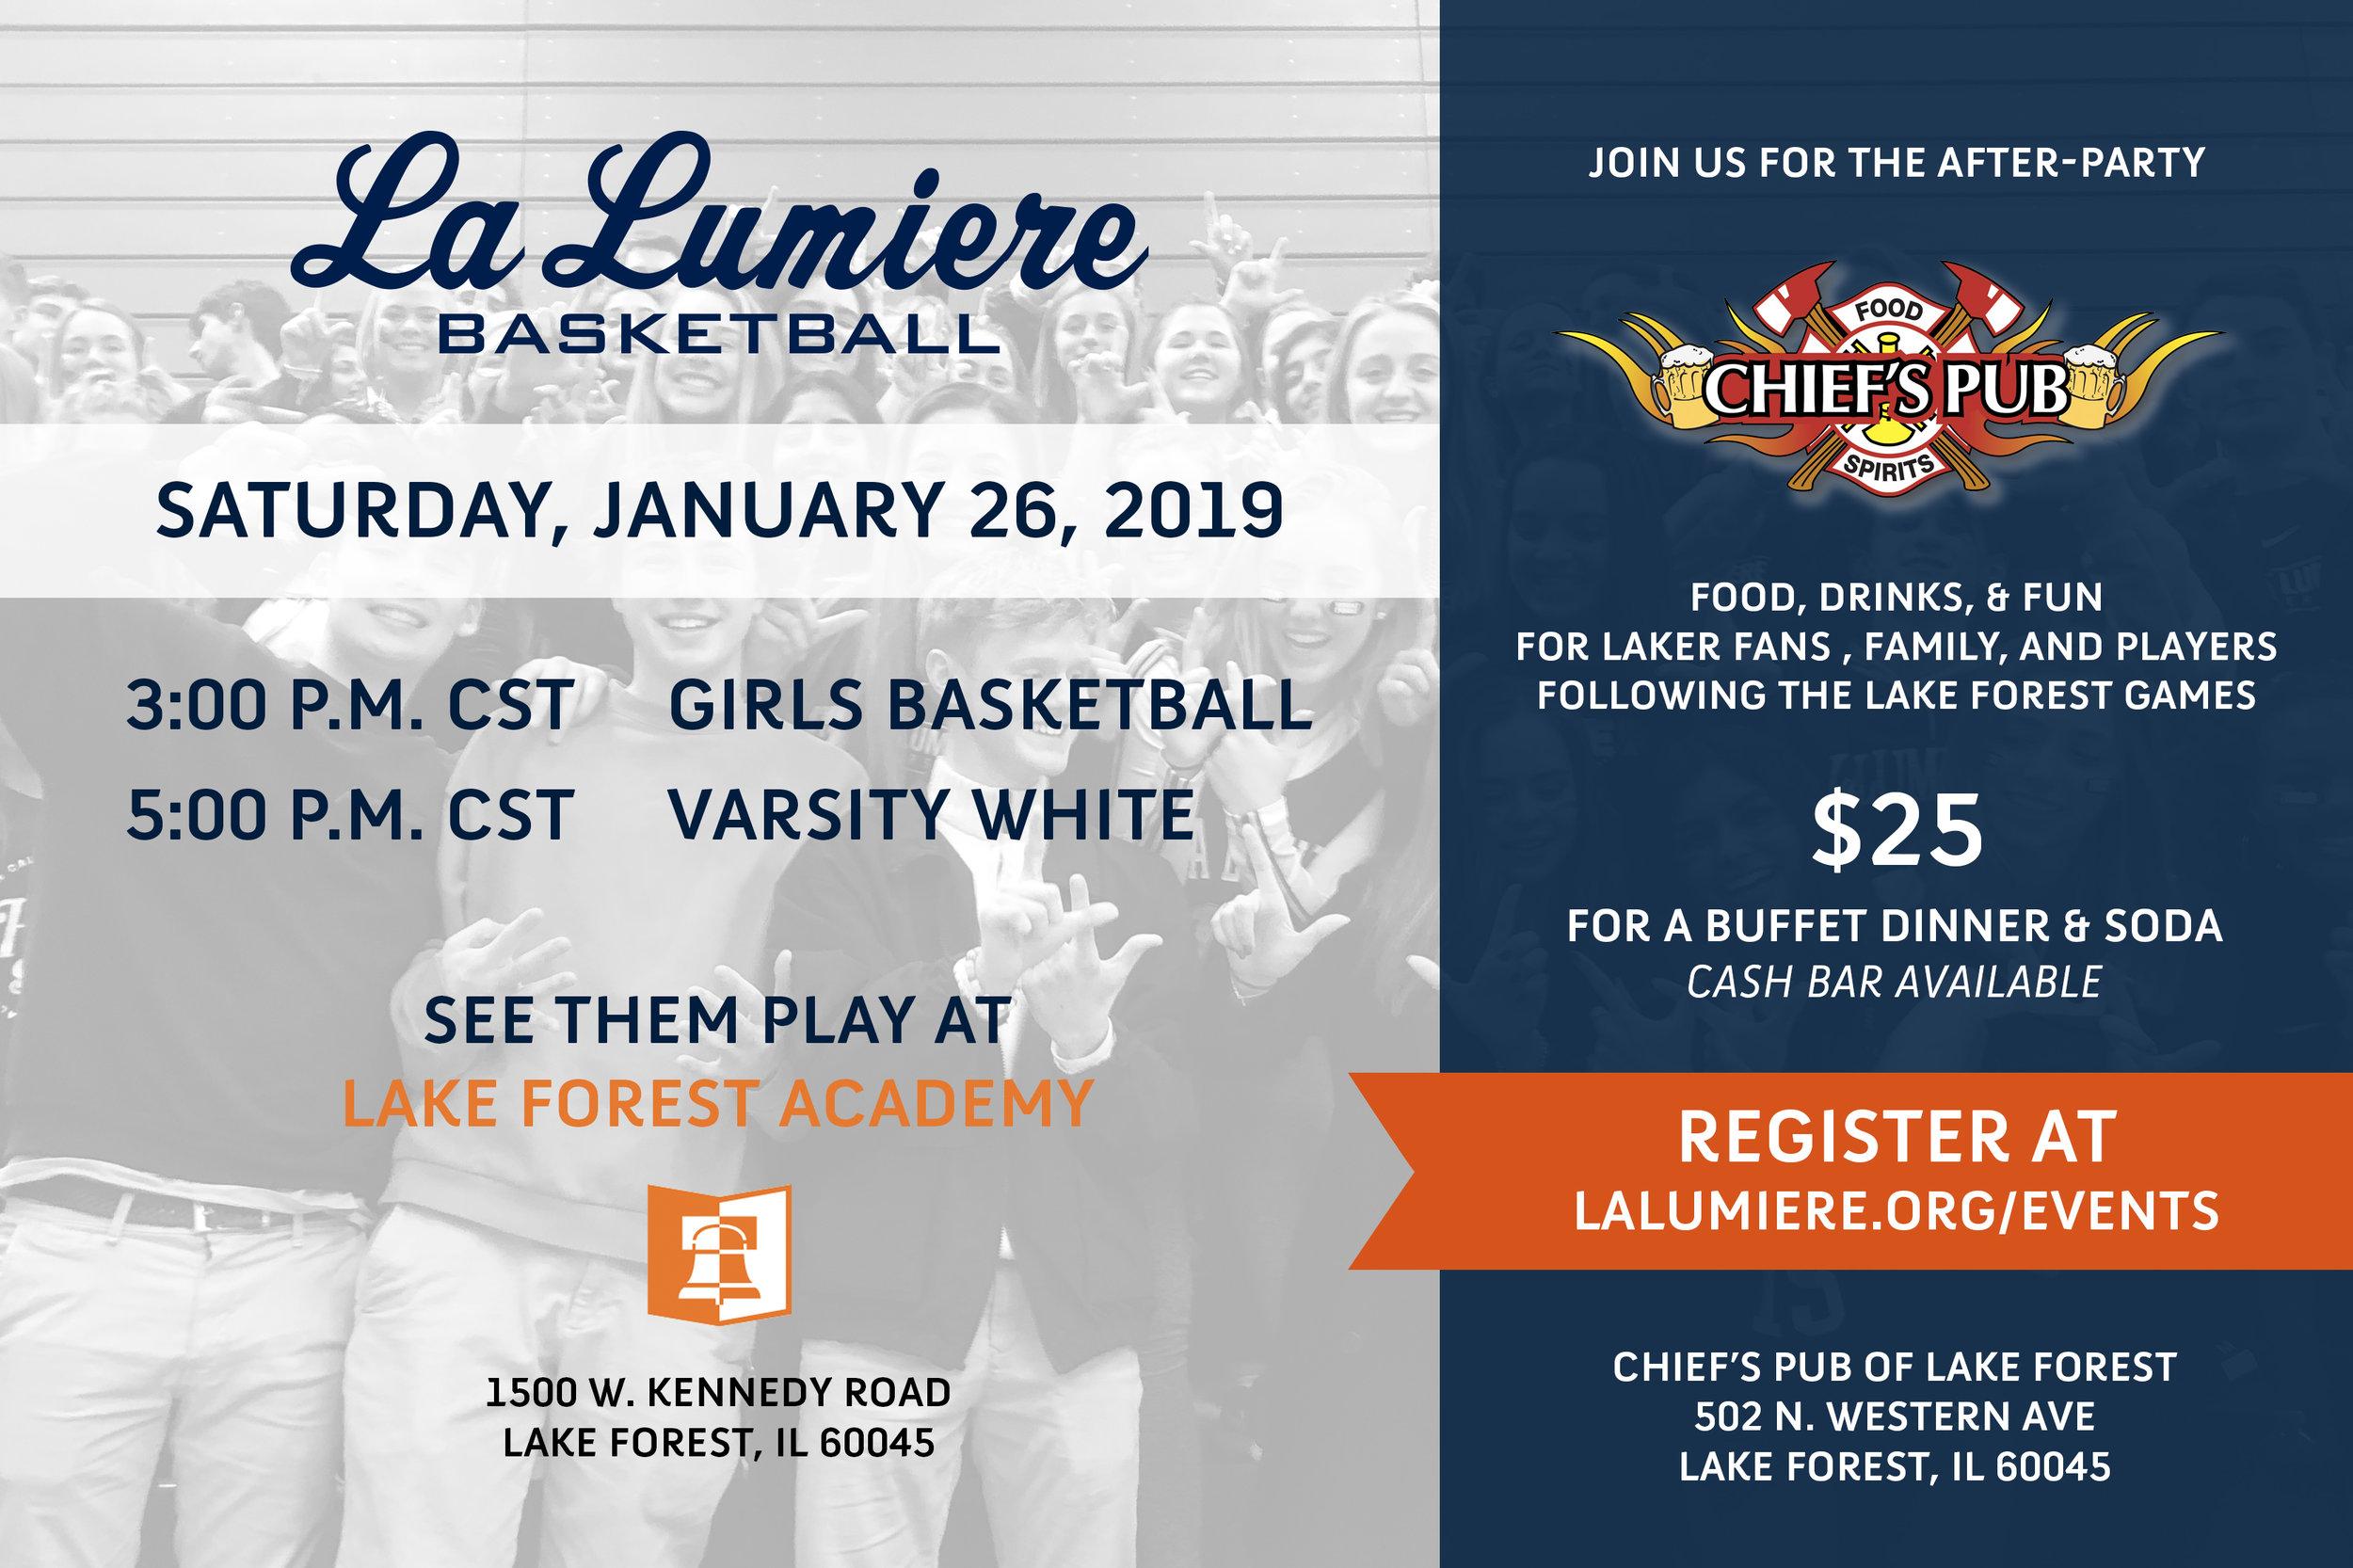 Basketball_LakeForest_Graphic_Social.jpg